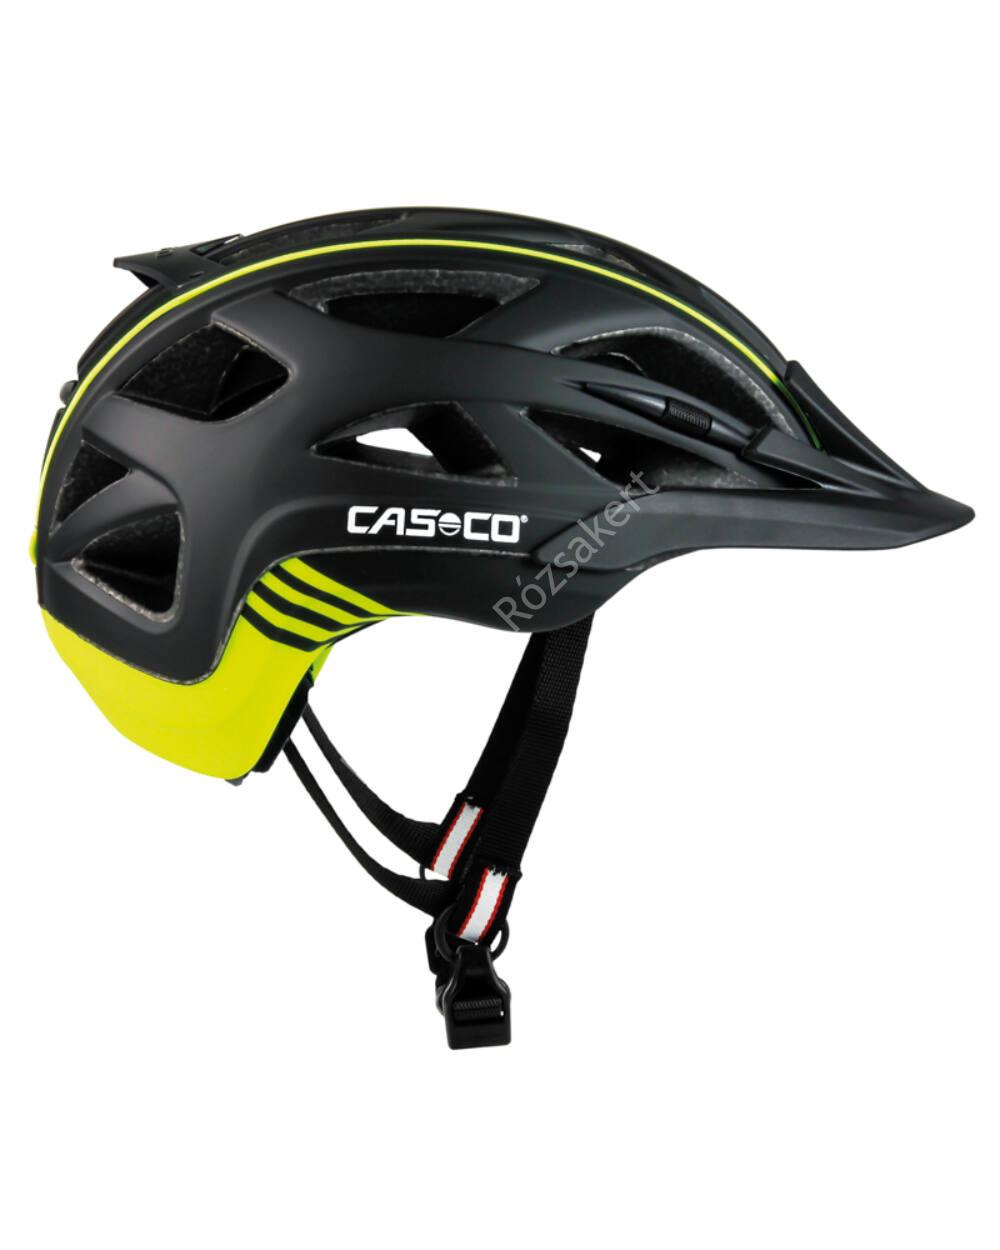 Casco Activ 2 black-neon bukósisak, 52-56 cm